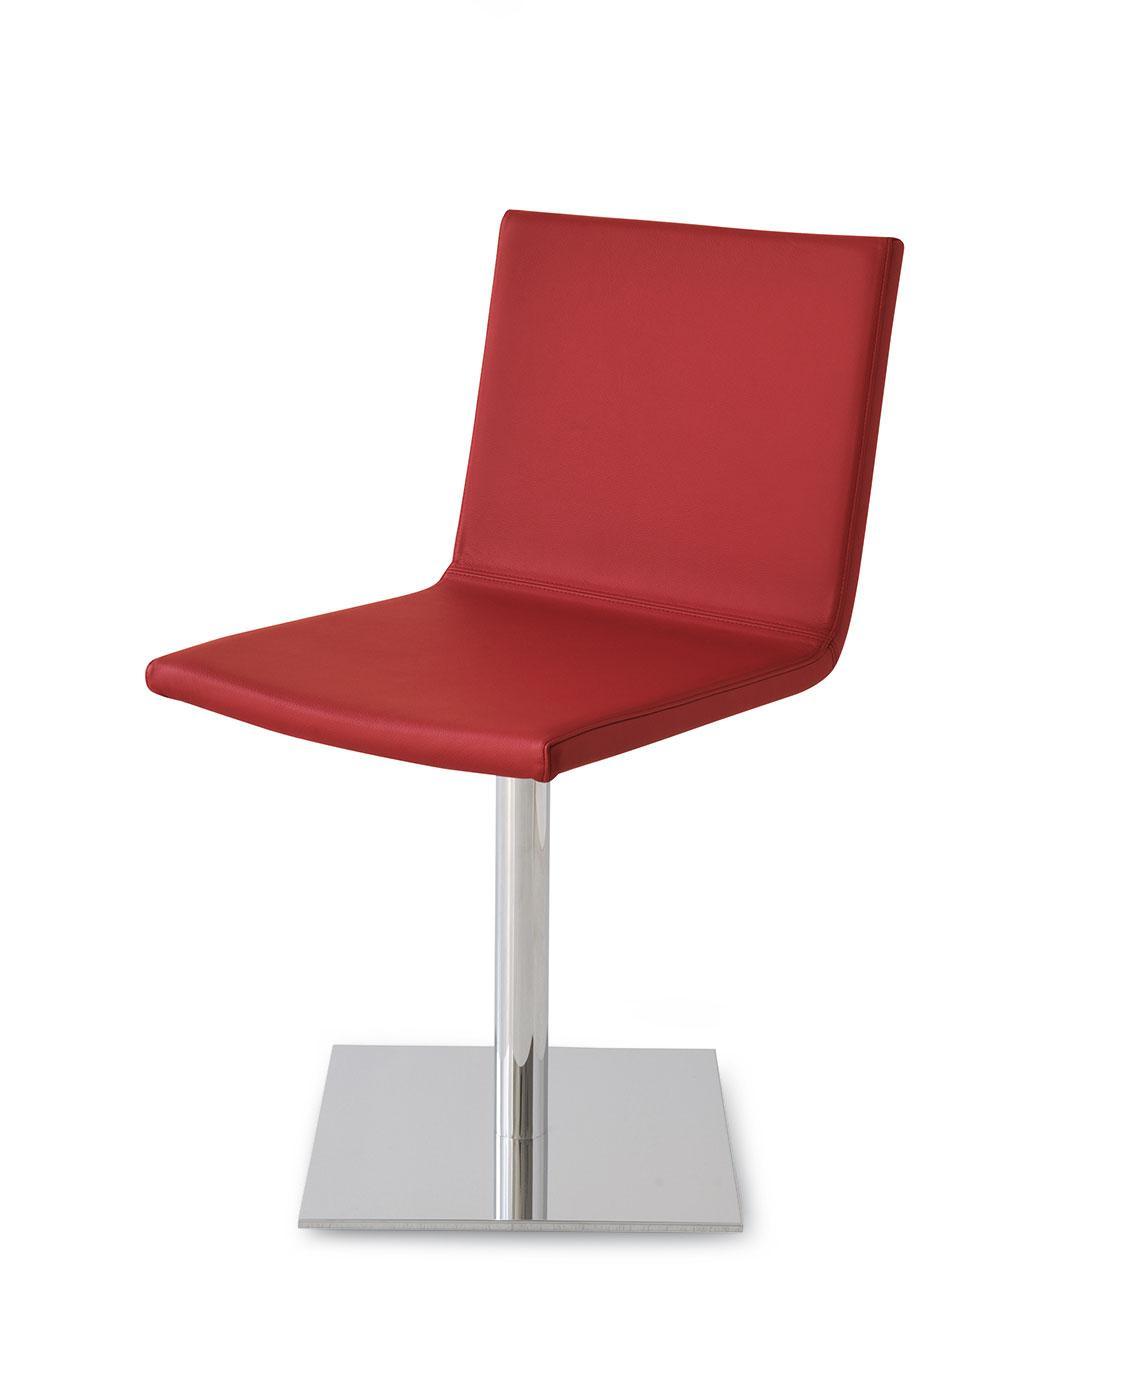 Sedie usate roma 28 images sedie e tavoli per for Sedie bar usate